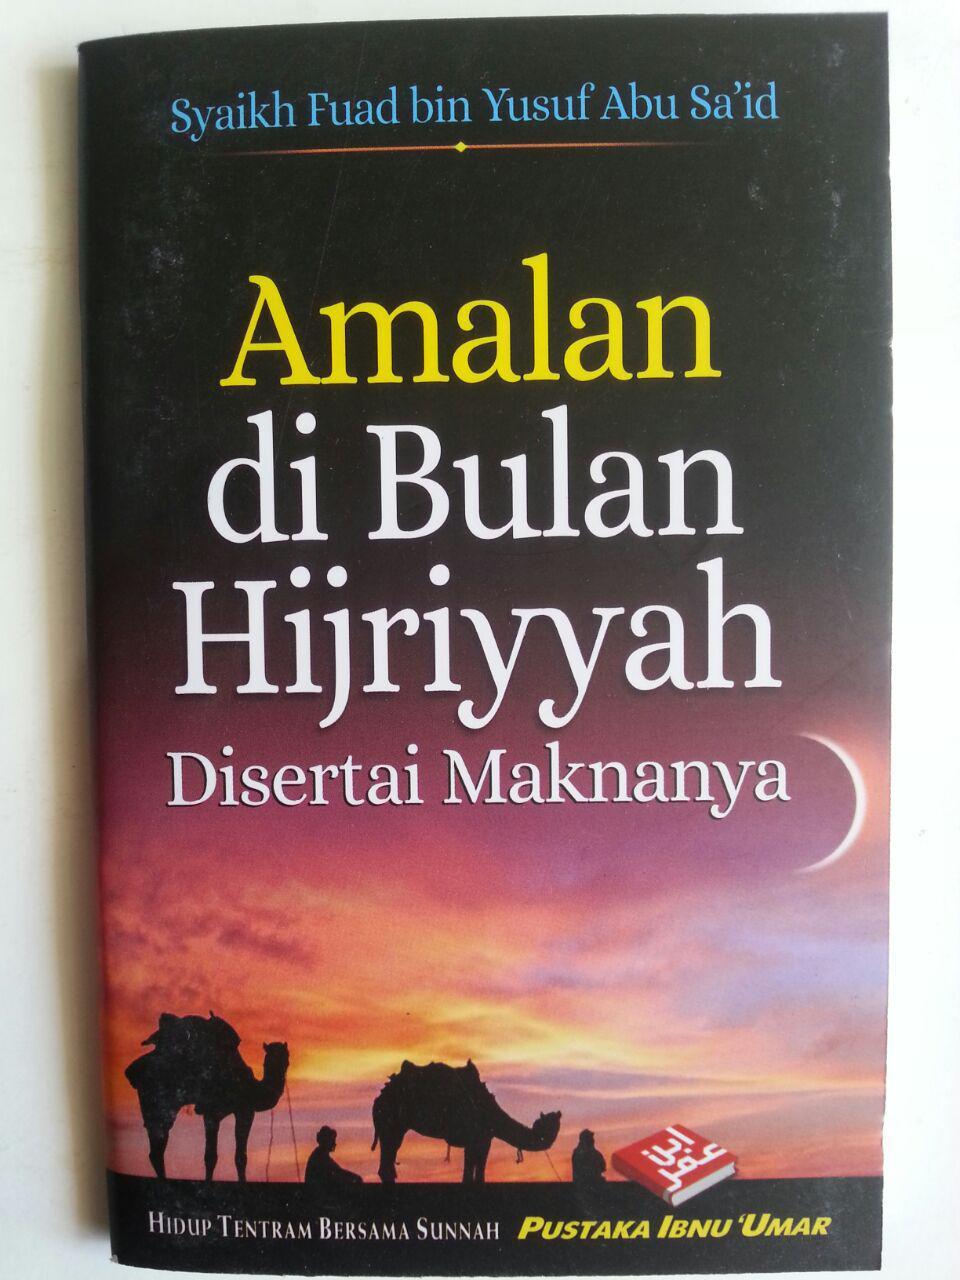 Buku Saku Amalan Di Bulan Hijriyyah Disertai Maknanya cover 2